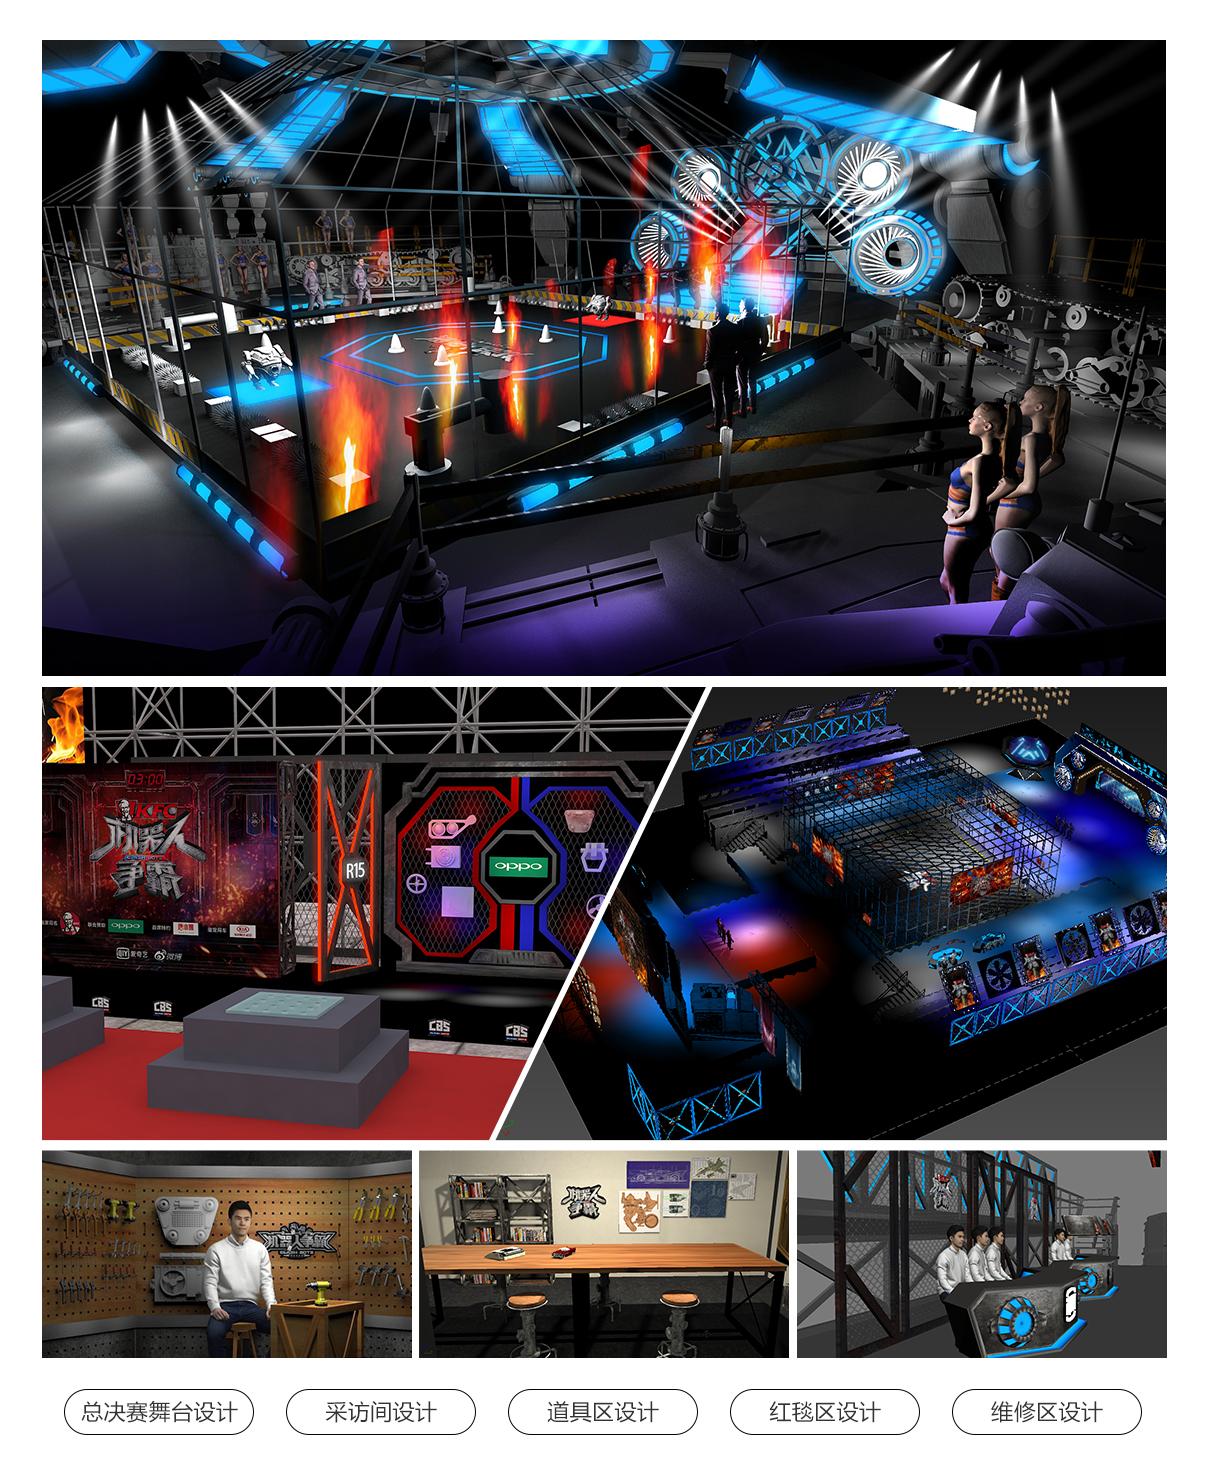 【要上線】舞美全流程設計攻略-愛奇藝機器人爭霸賽簡介